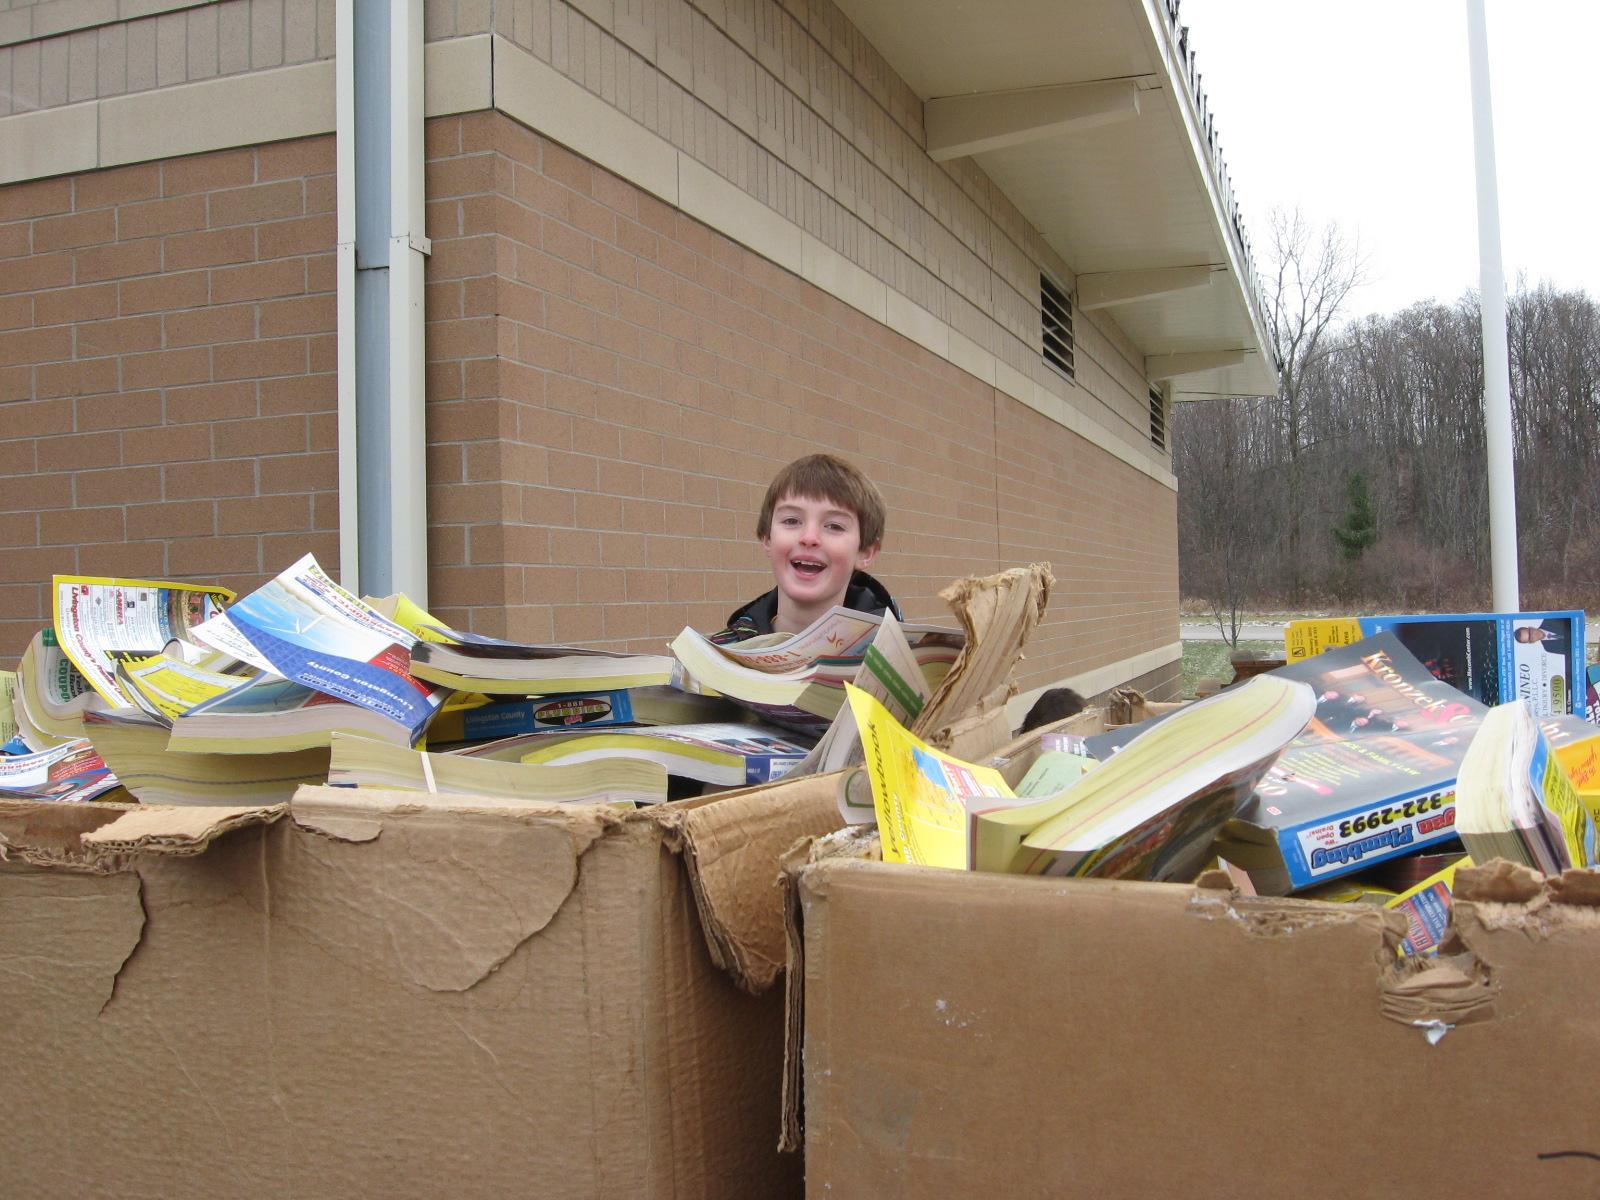 Hutchings Green Club: Phone Book Recycling Pics